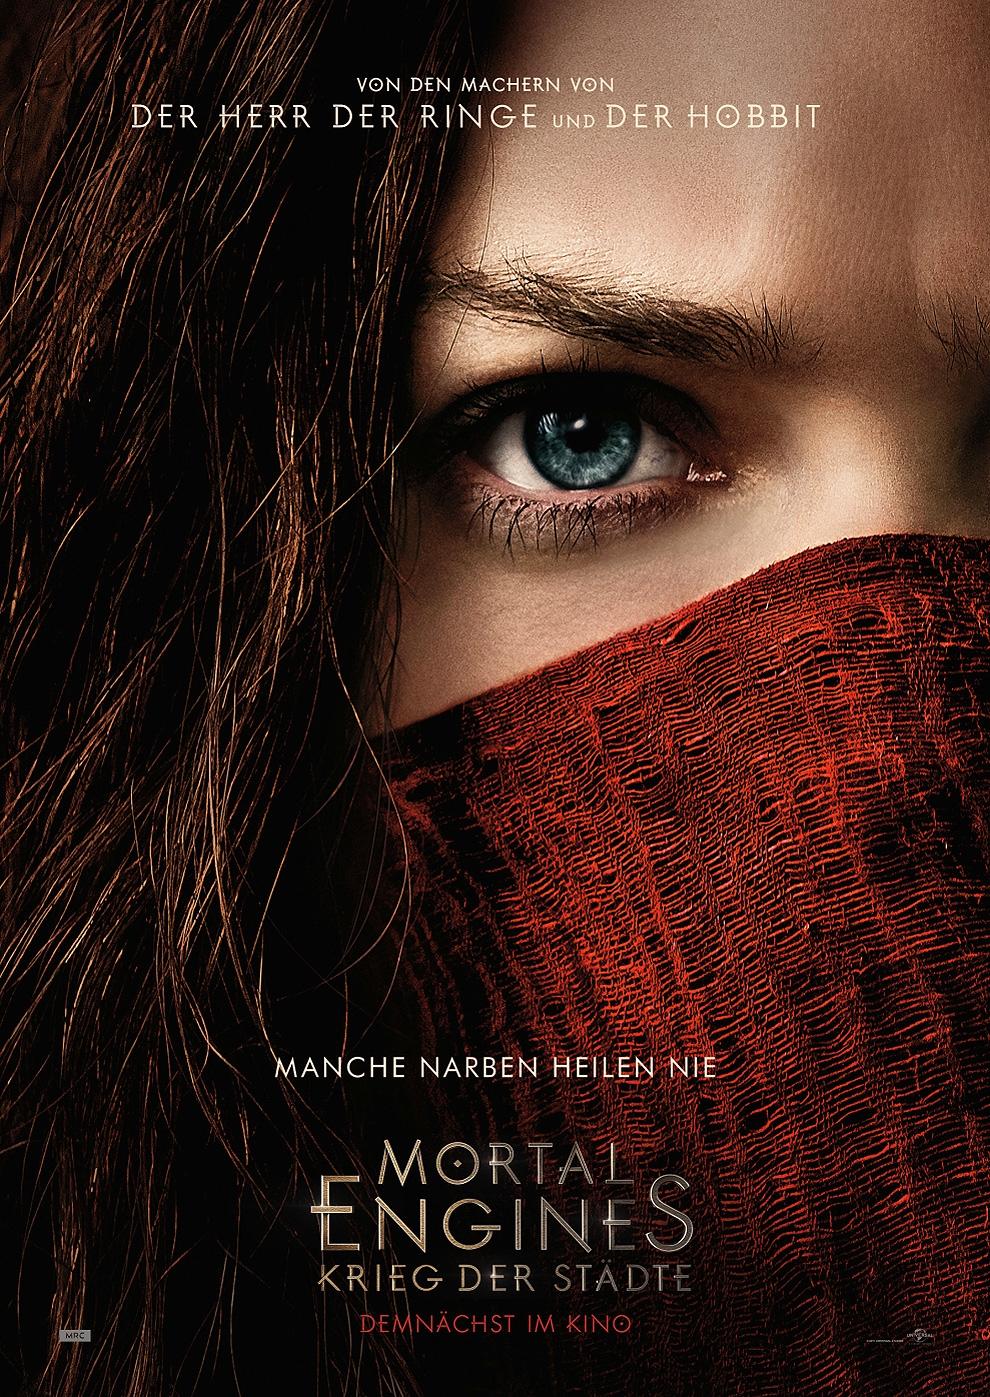 Mortal Engines: Krieg der Städte (Poster)